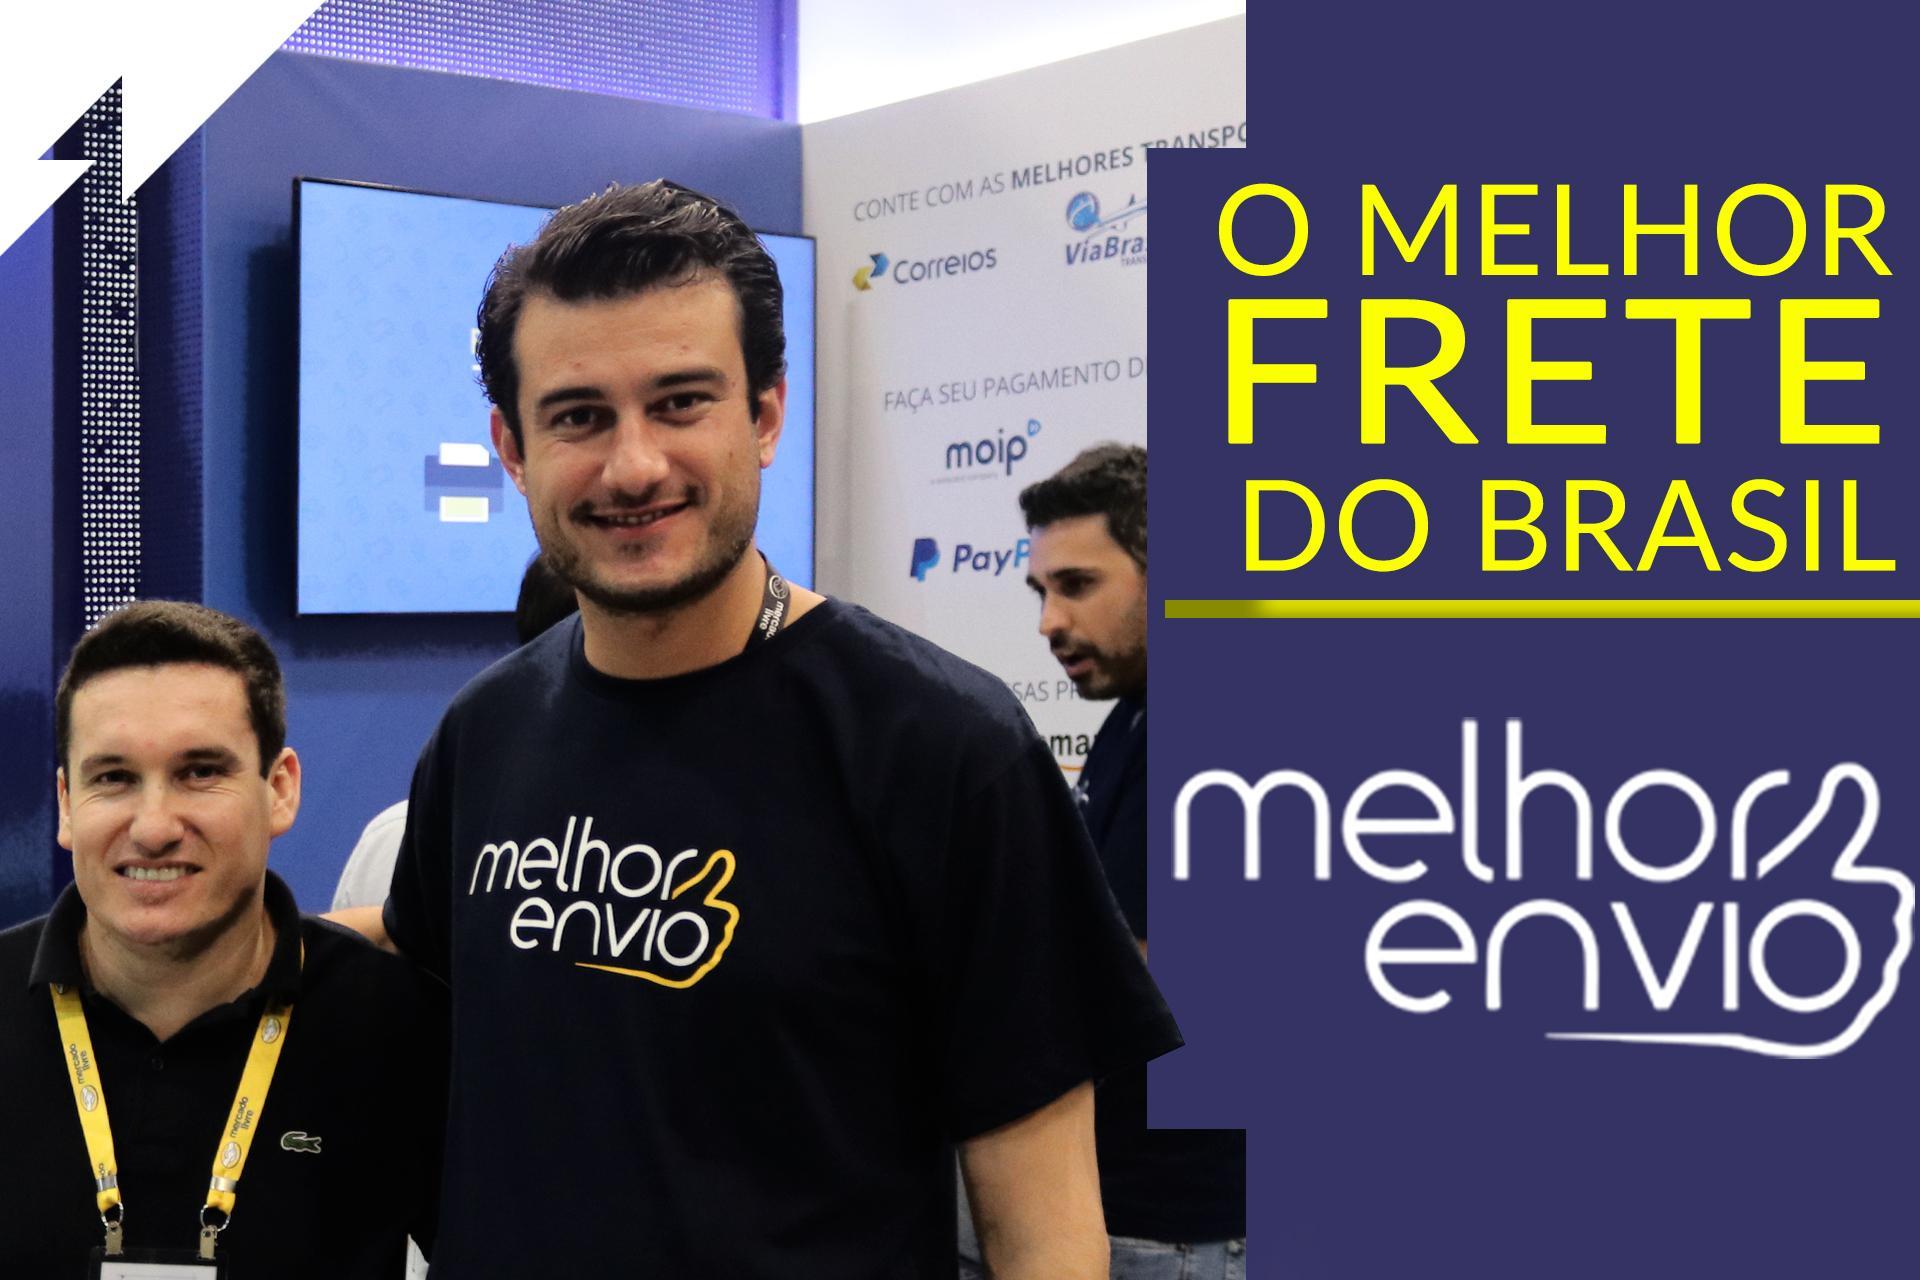 MELHOR ENVIO - O MELHOR FRETE DO BRASIL